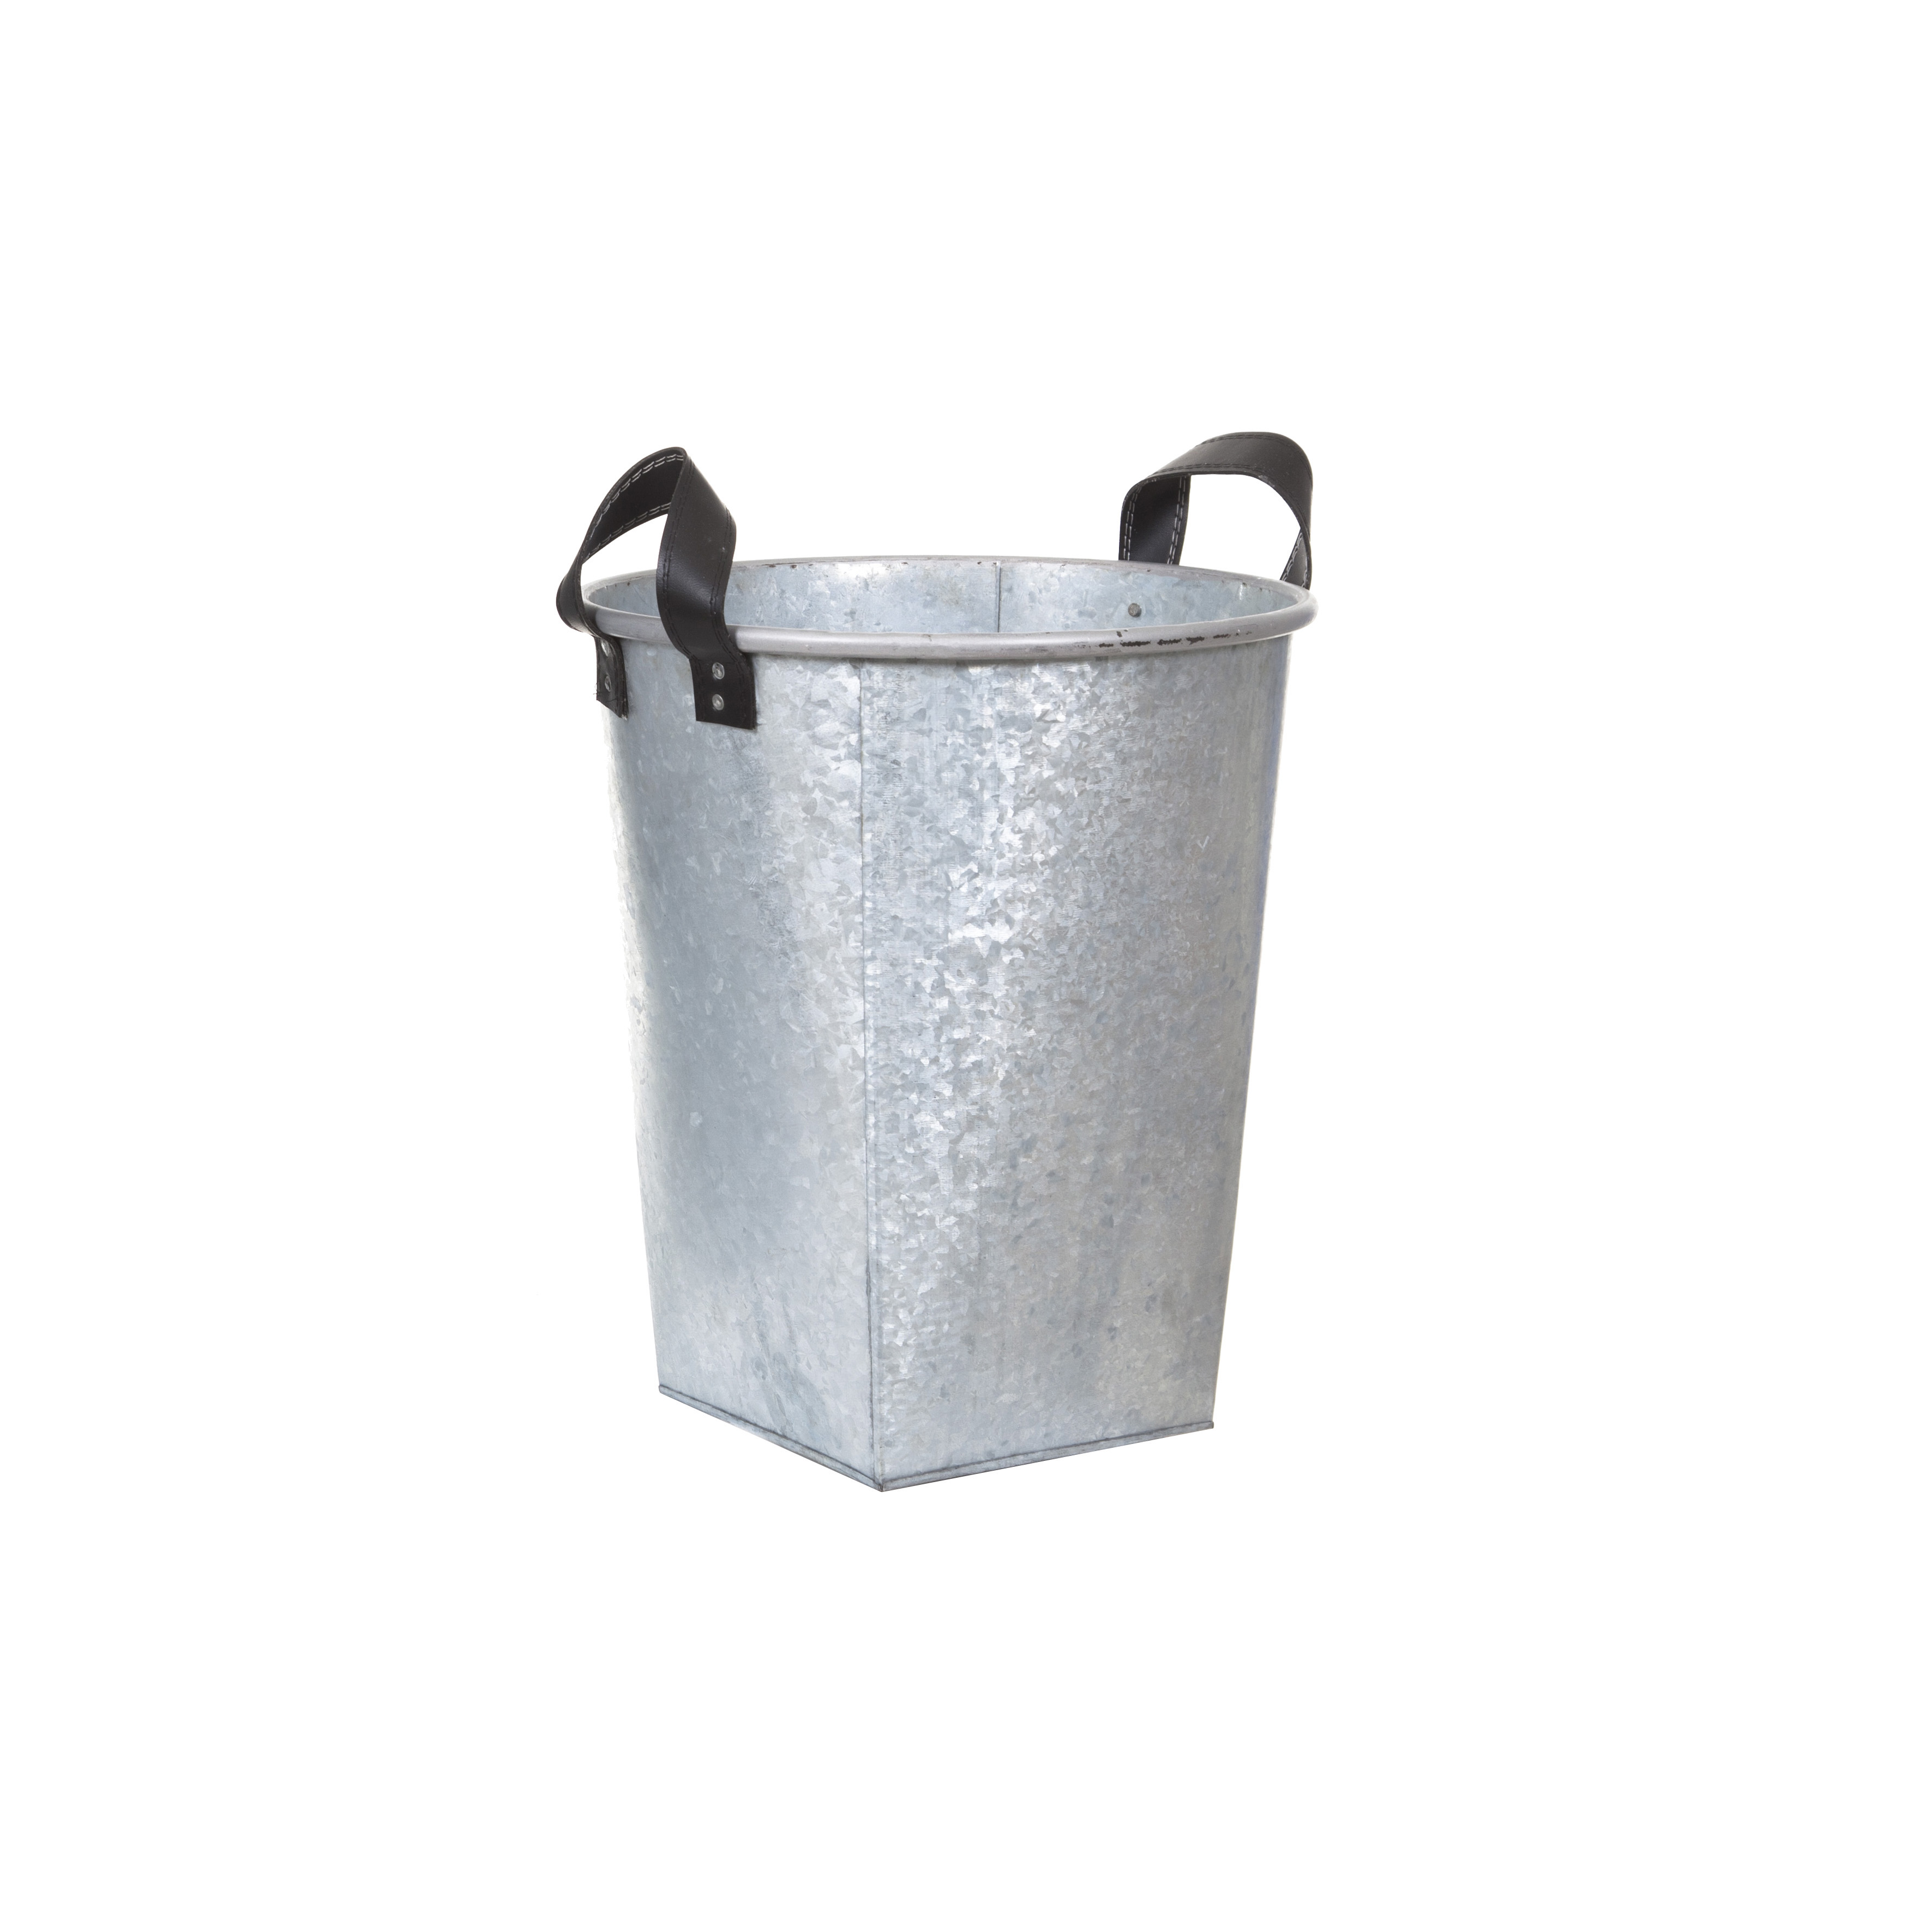 Holmen Lucan Kurv 32x37 cm metall